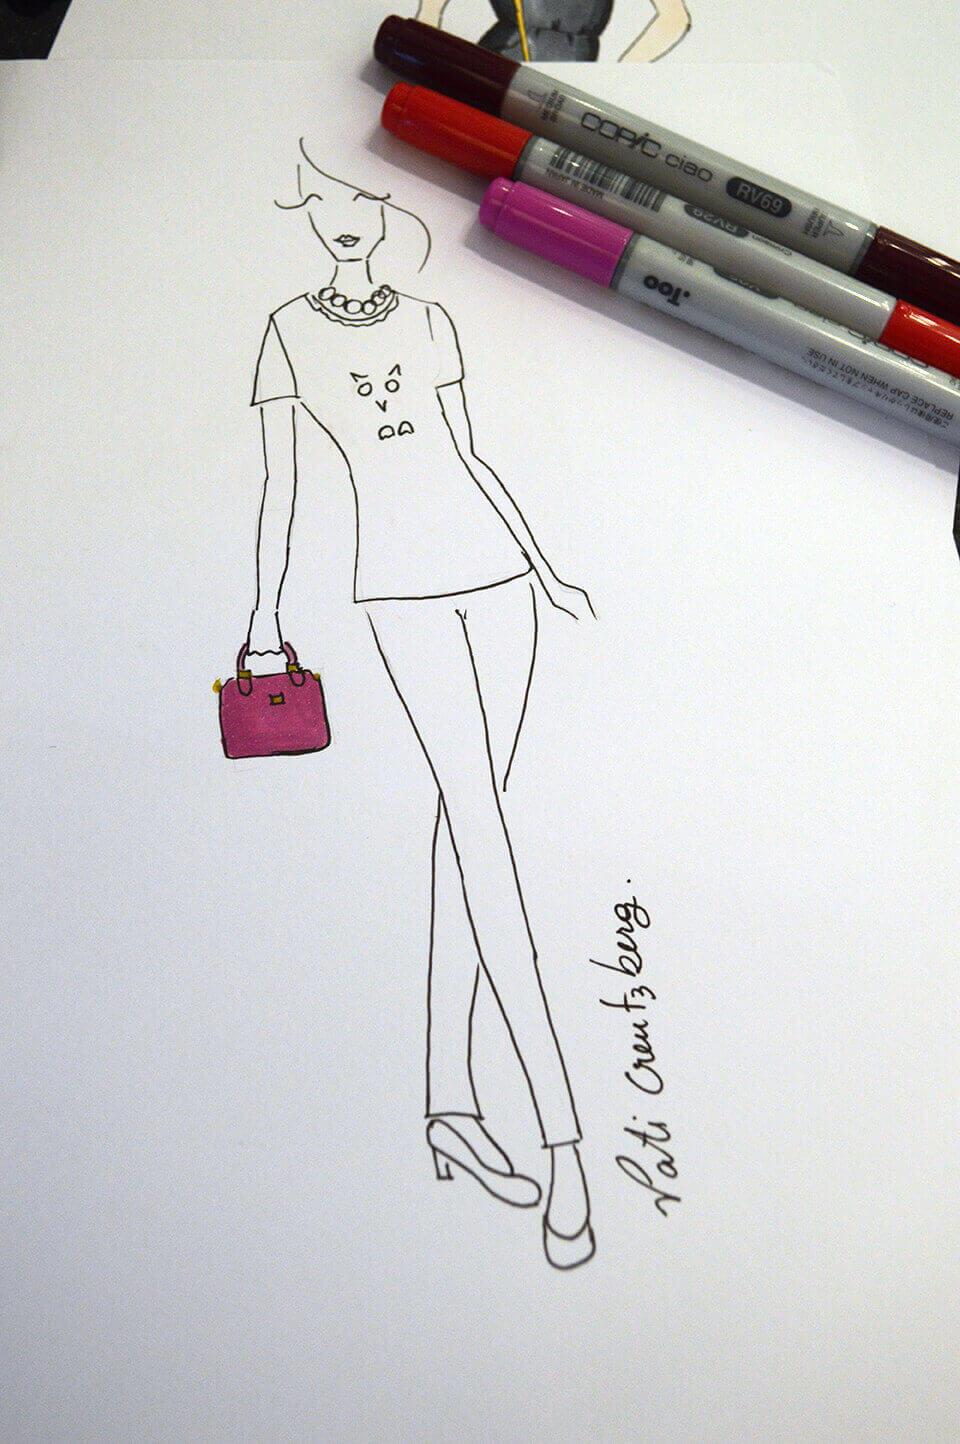 Croqui de moda no VFNO 2014